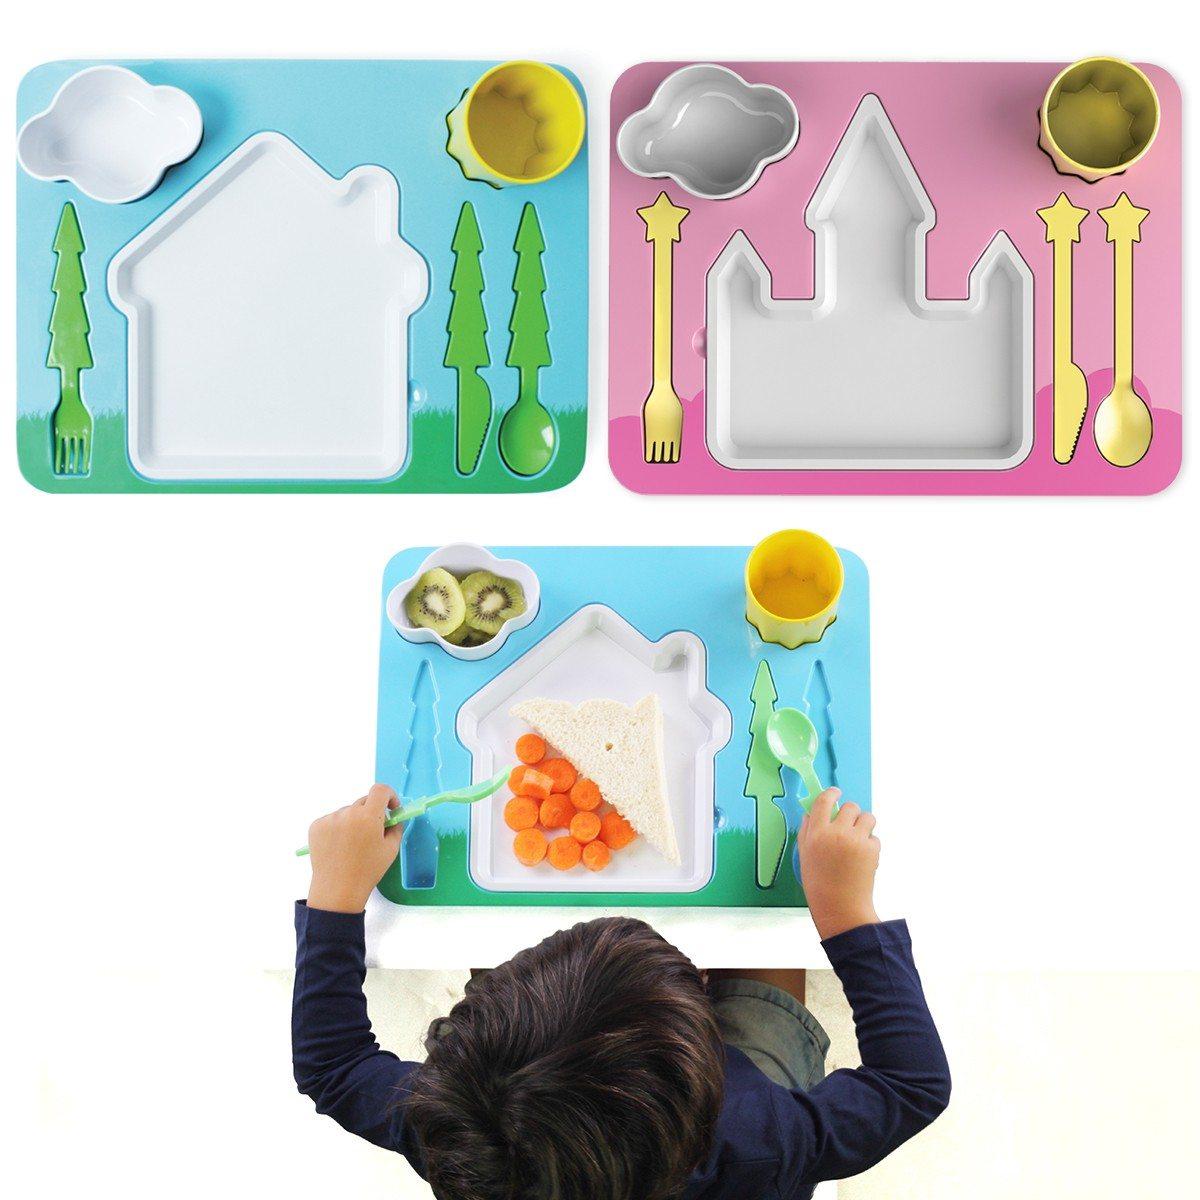 Plateau repas pour enfant le cadeau pratique et ludique - Repas pour les enfants ...